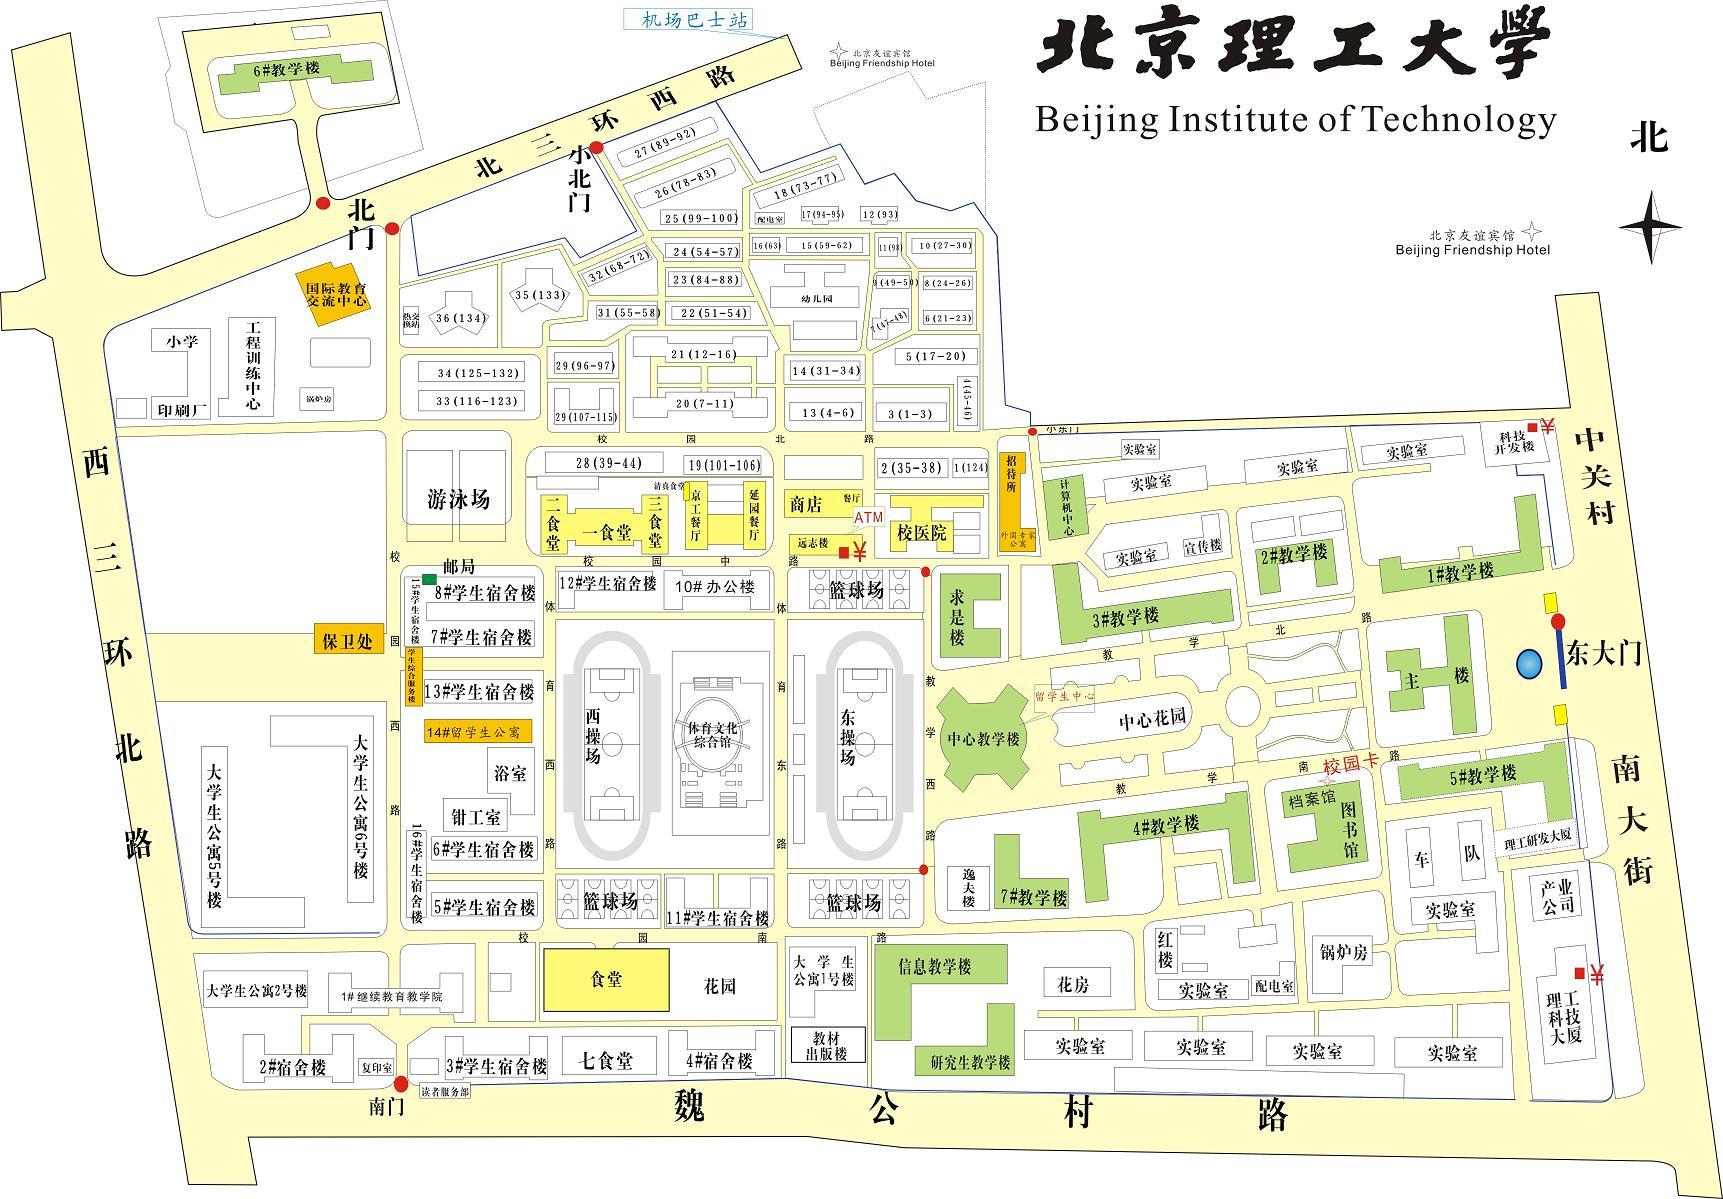 北京理工大学专业排名 北京理工大学好专业 北京理工大学专业